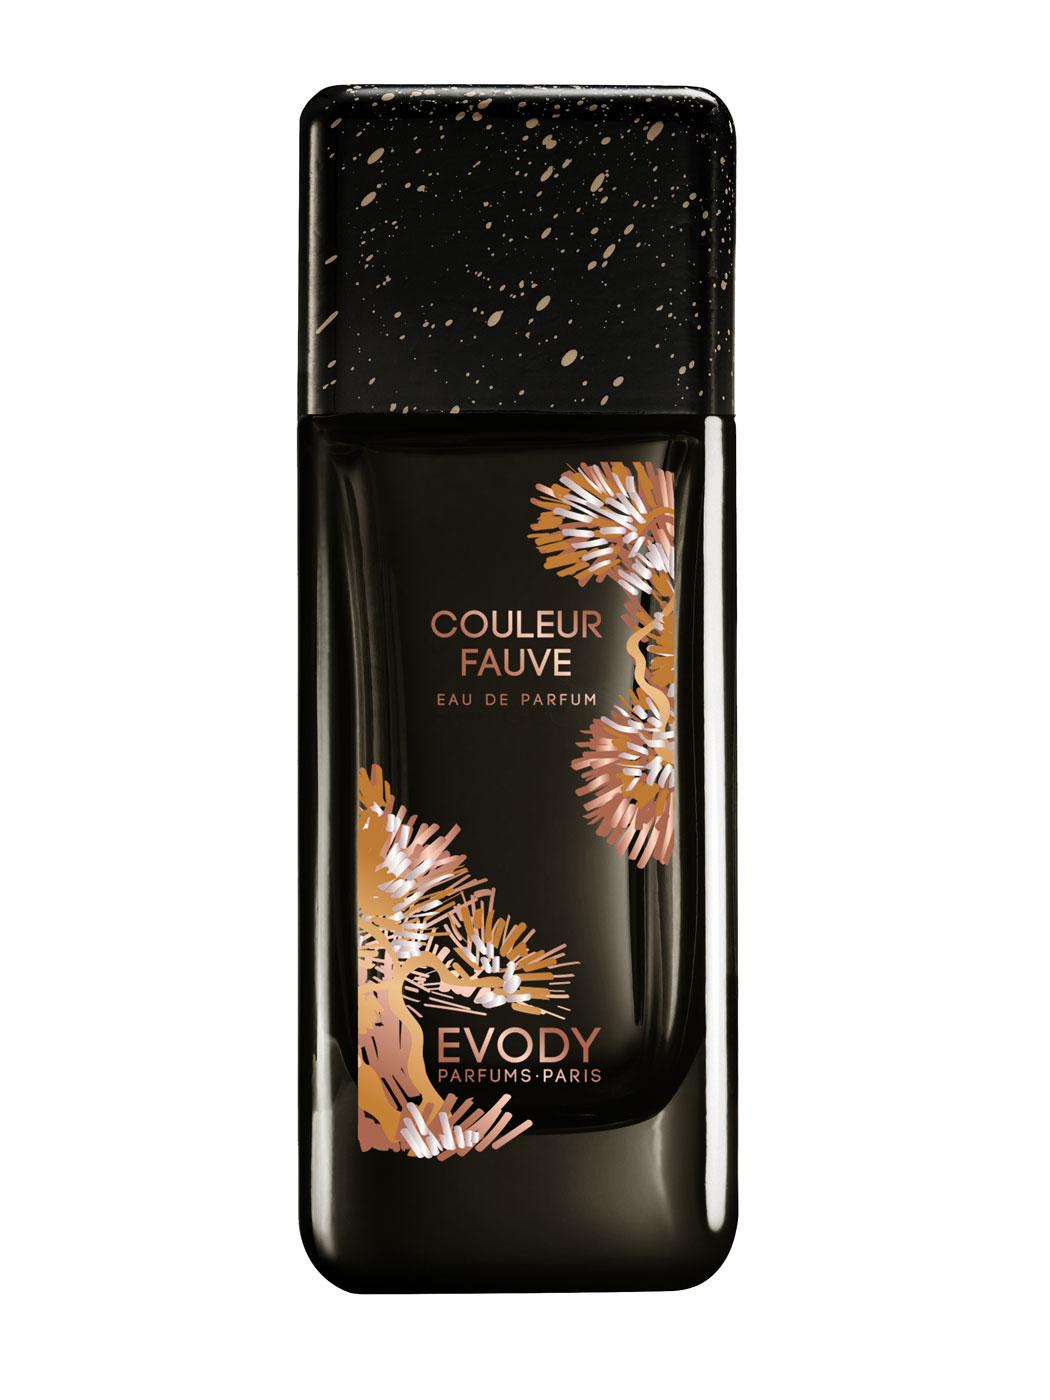 Evody - Collection Galerie - Couleur Fauve Eau de Parfum 100ml